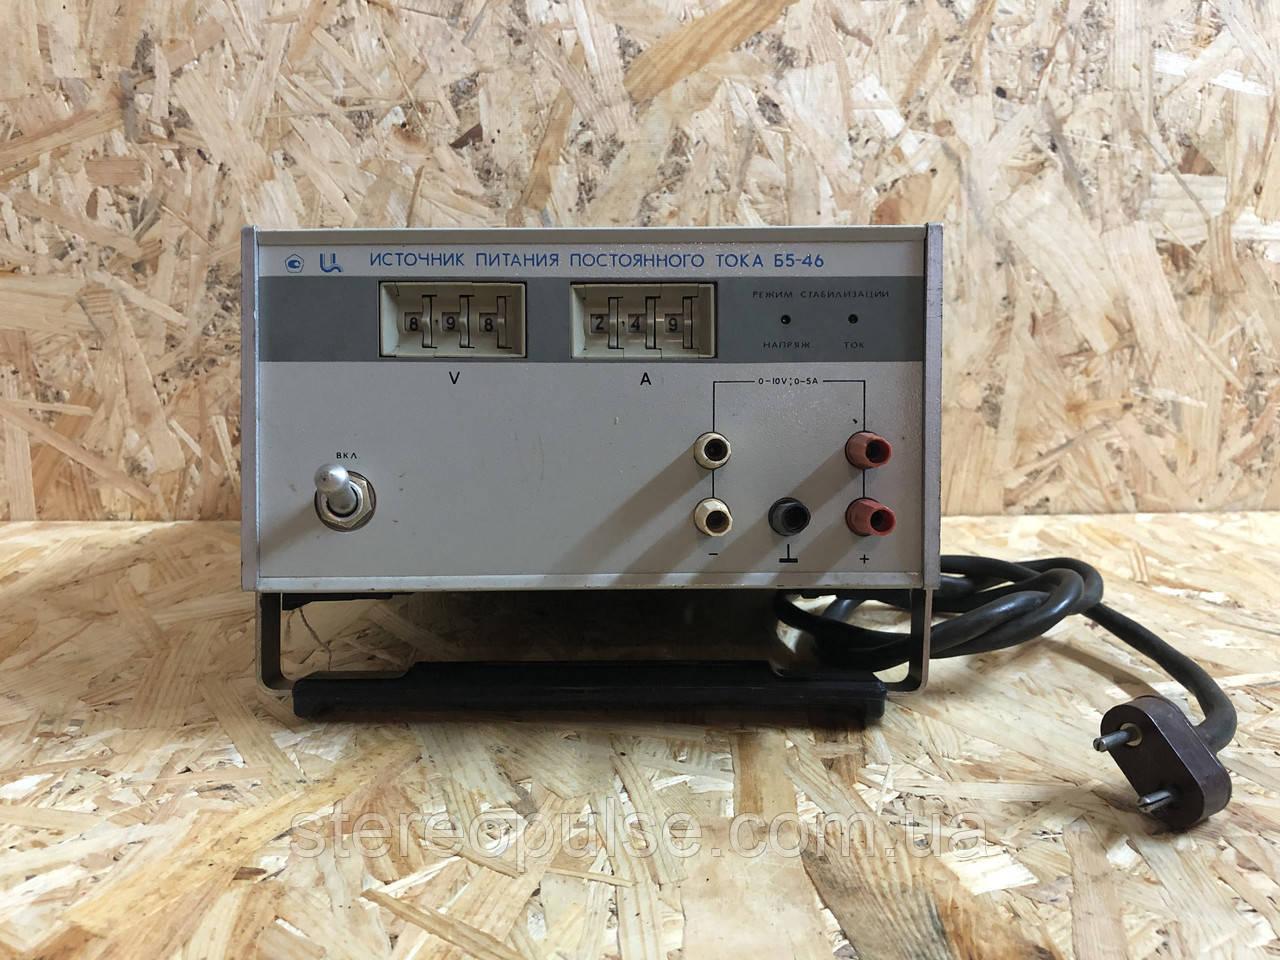 Источник питания постоянного тока Б5-46 (10В, 5А)